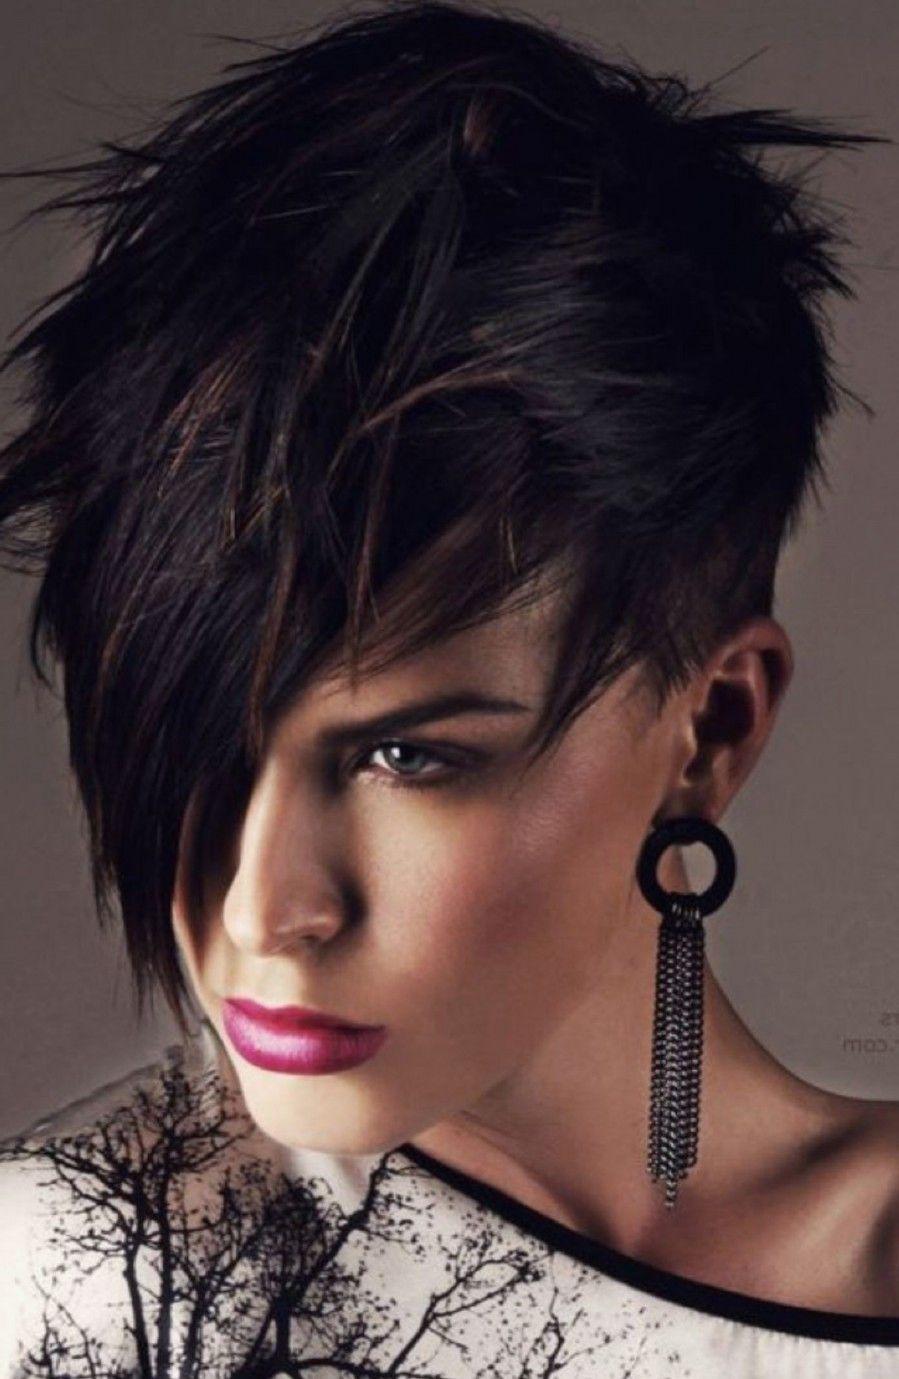 Awesome Ausgefallene Frisuren Mit Undercut Ausgefallene Frisuren Haarschnitt Kurze Haare Haarschnitt Kurz